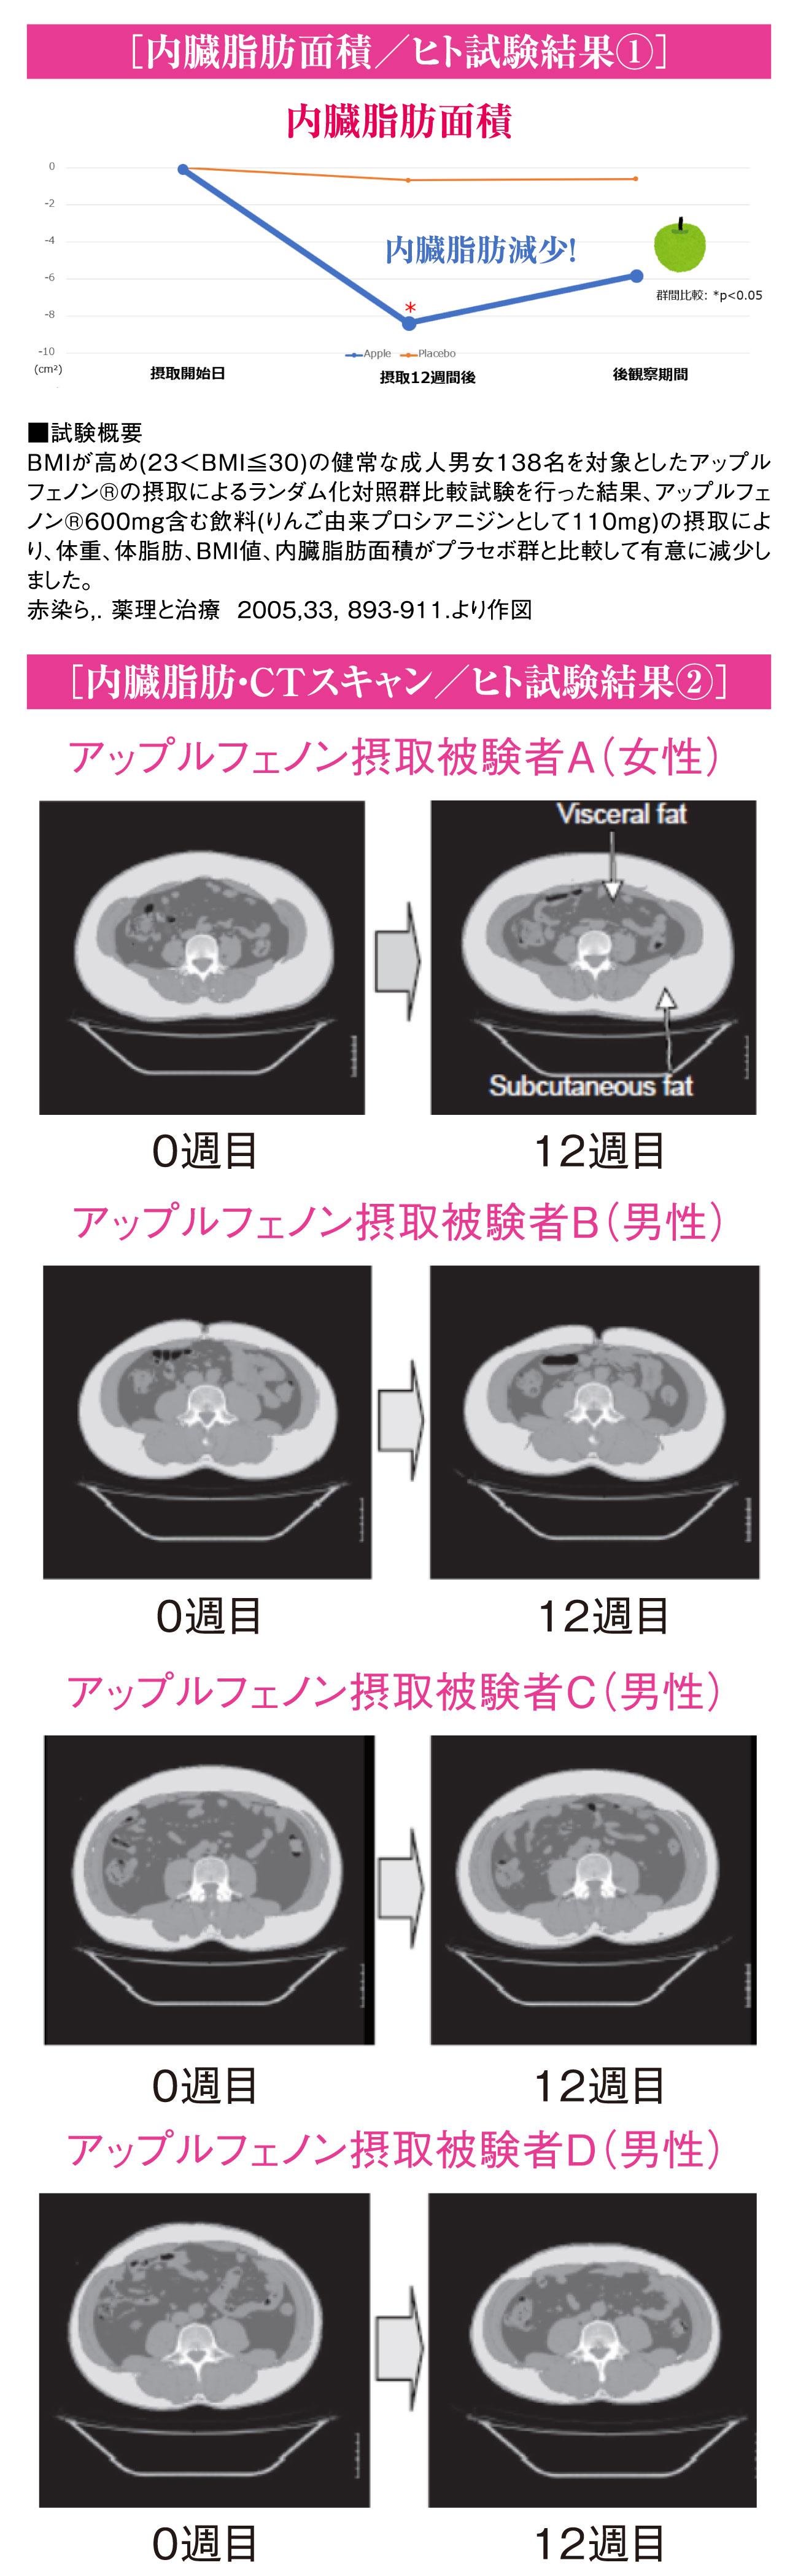 内臓脂肪・CTスキャン